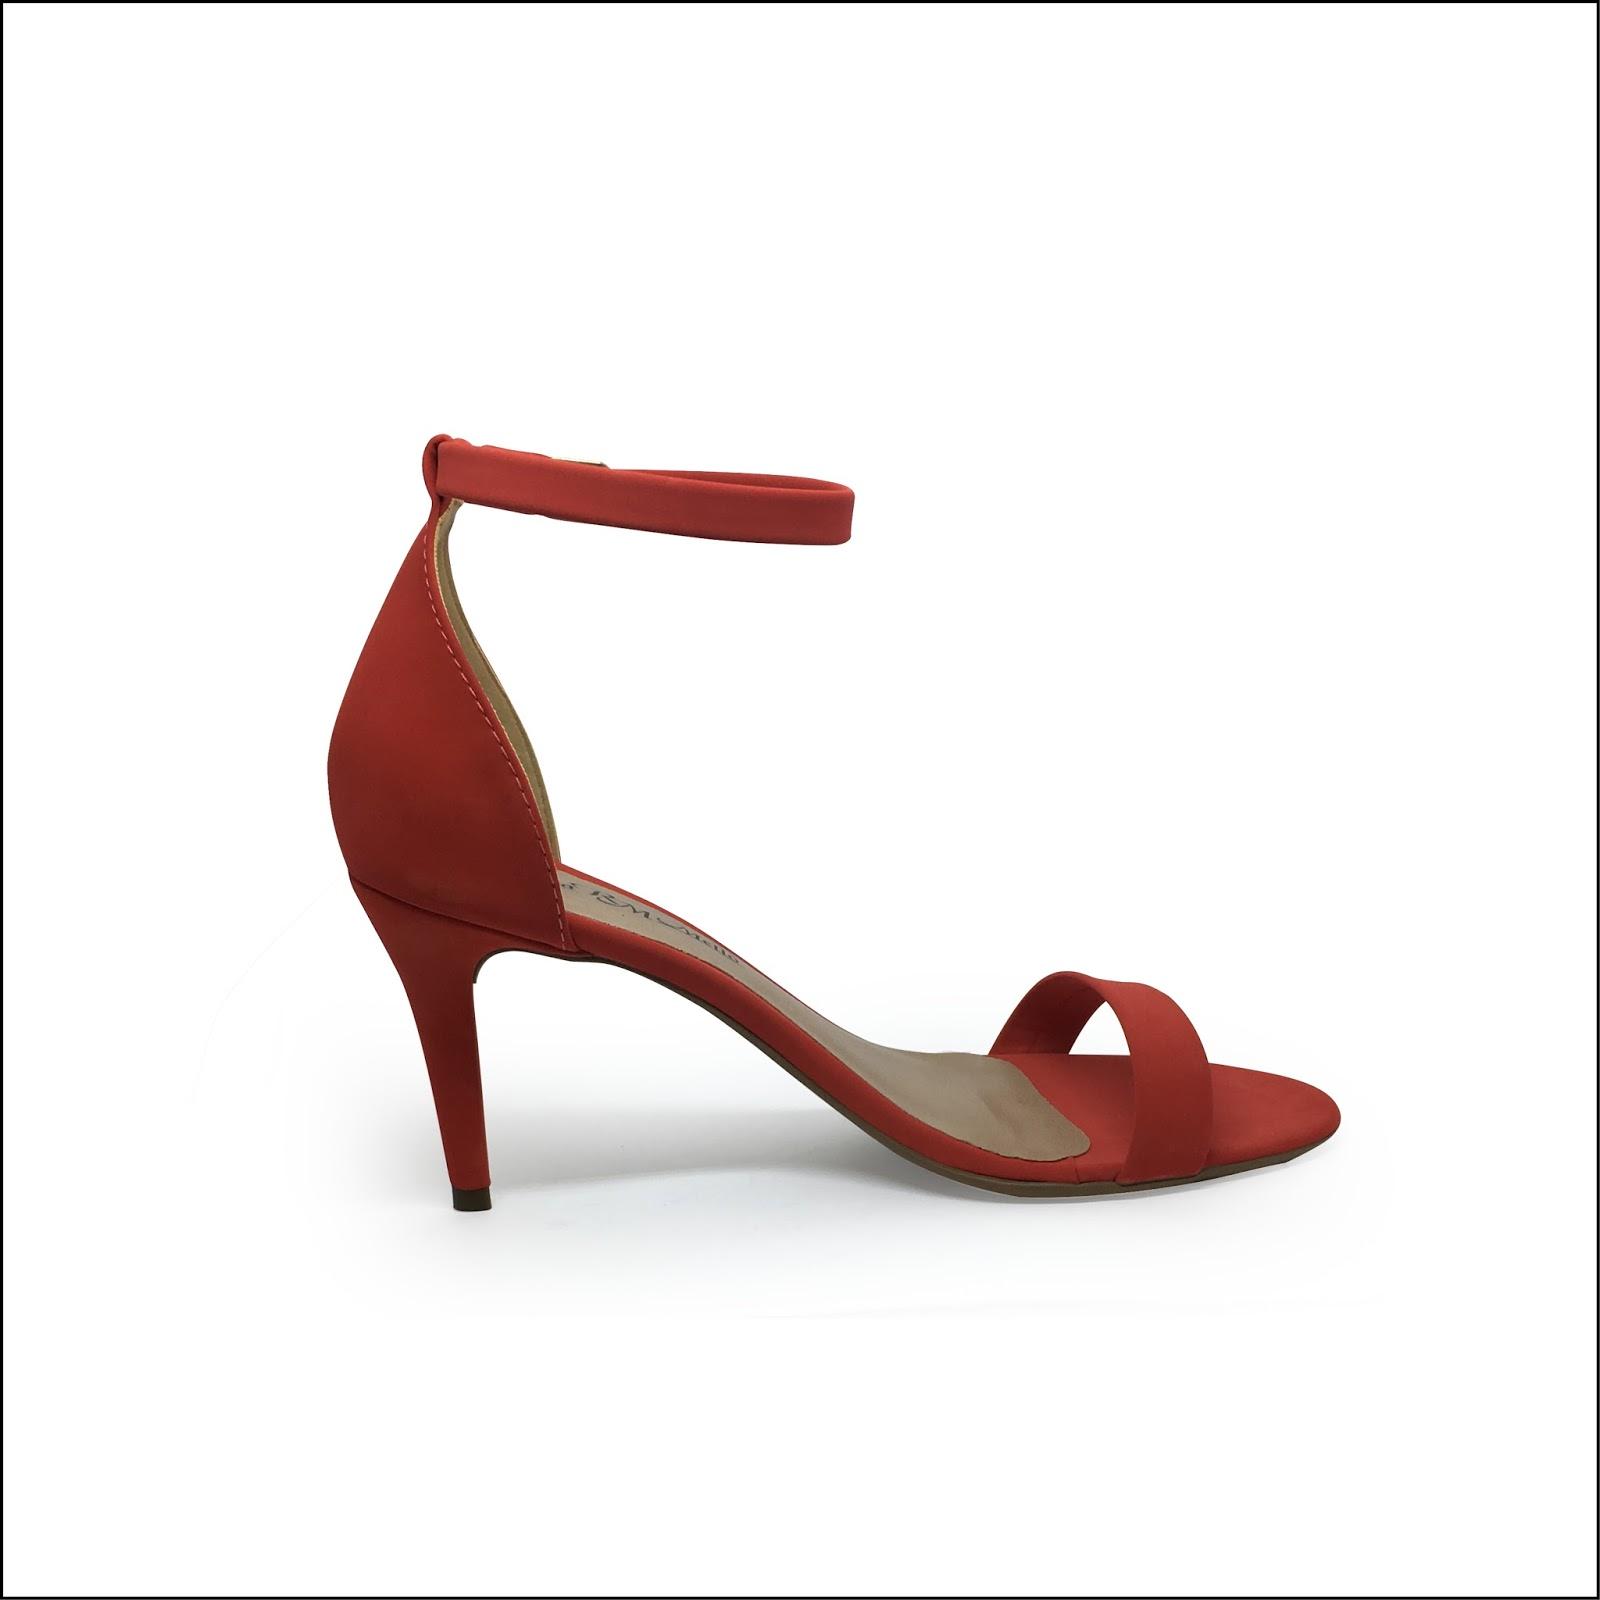 4c6c84367 A Zutti conta com 13 lojas próprias em Curitiba, marca de calçados femininos  consolida presença com variedade, conveniência e preços justos